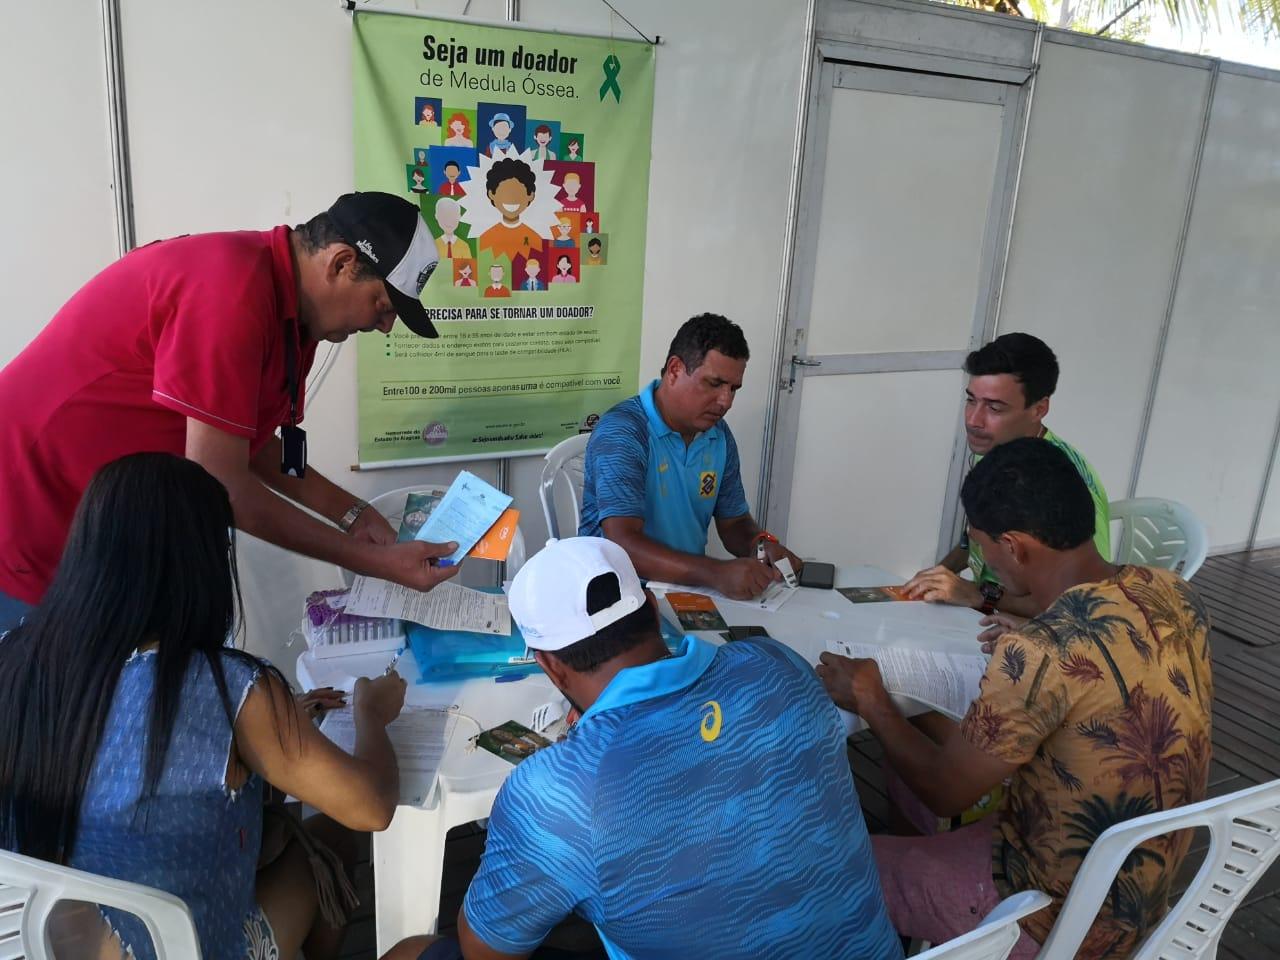 Etapa em Maceió (AL) tem ações em prol da comunidade local